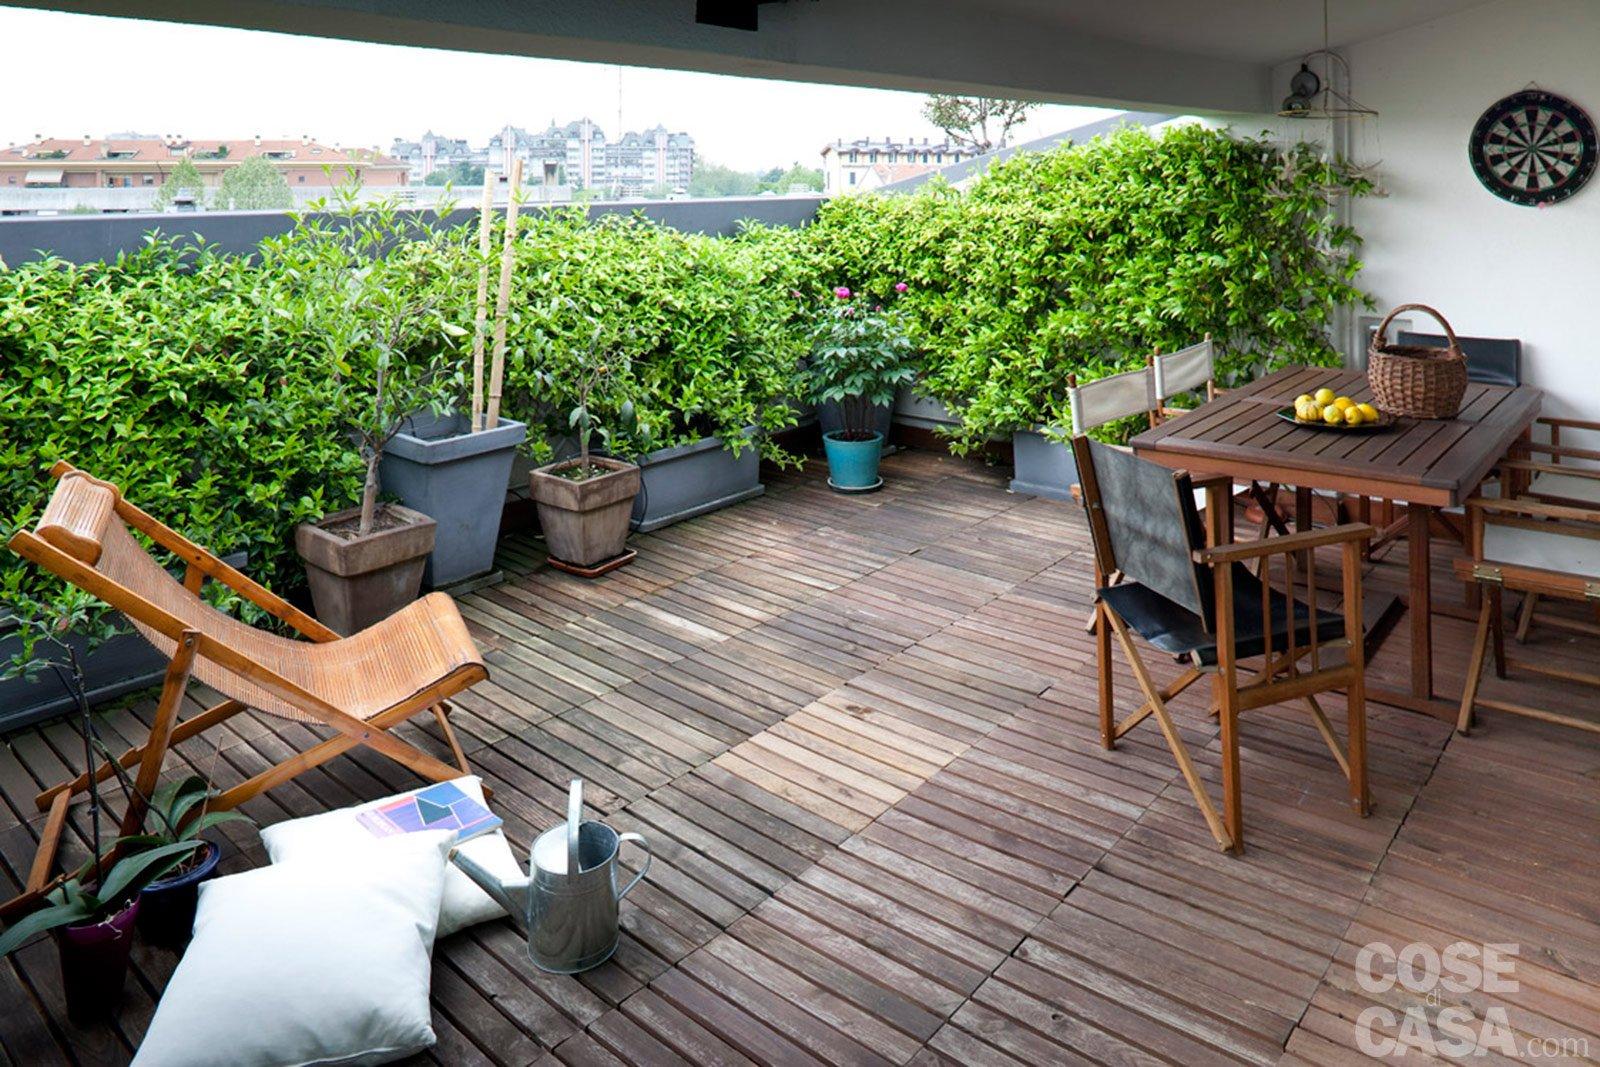 Stunning Arredare Terrazzo Coperto Gallery - Idee Arredamento Casa ...